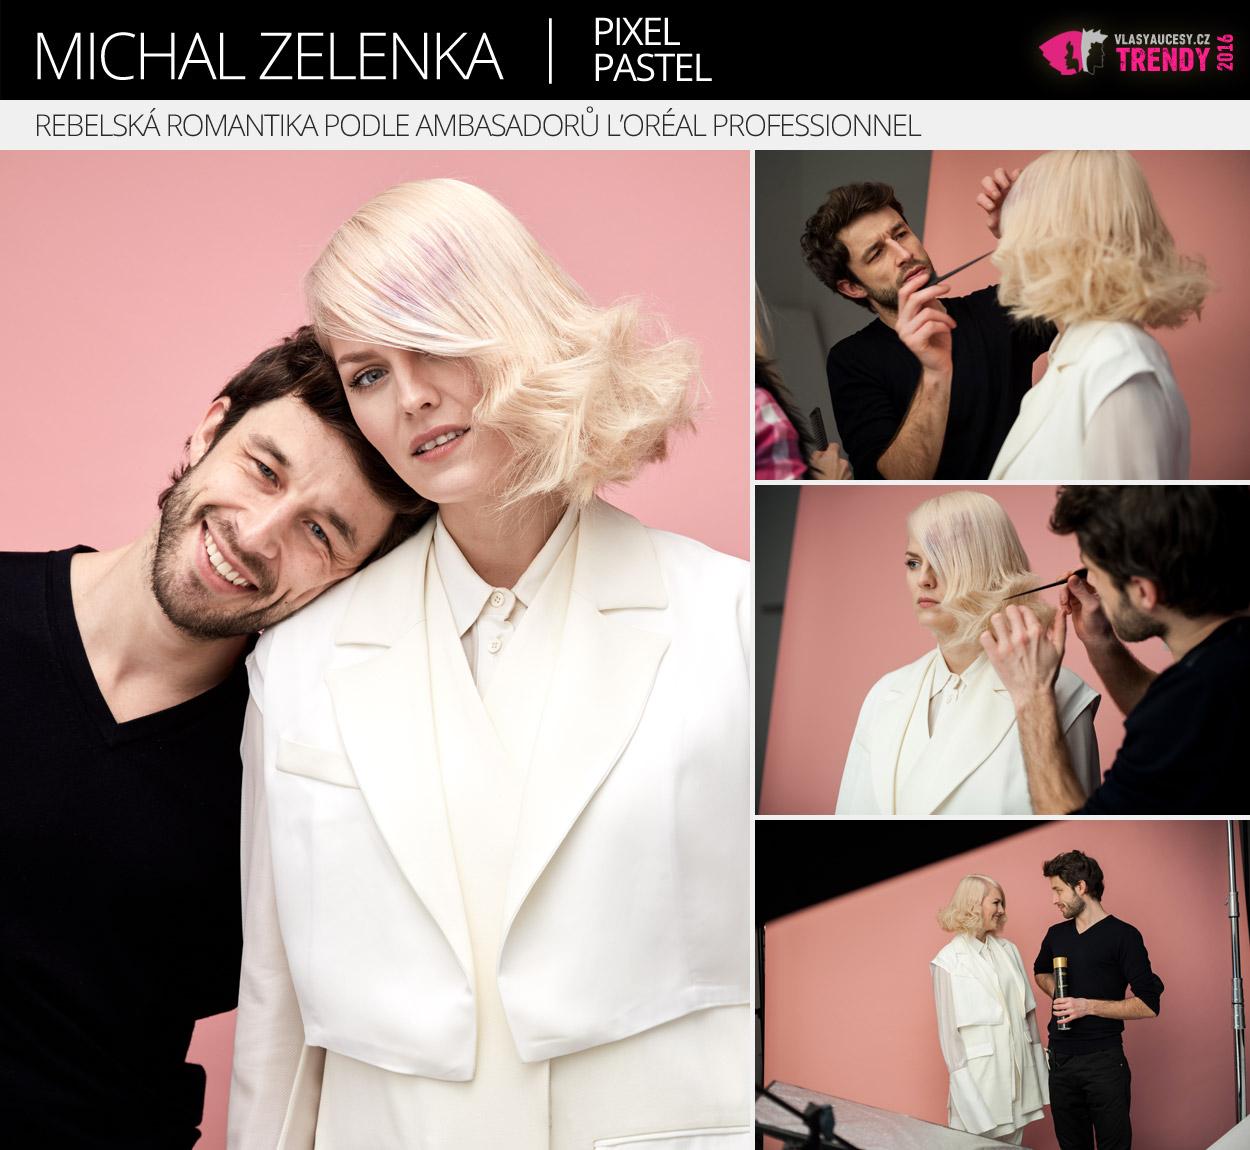 Ambasador L'Oréal Professionnel: Michal Zelenka